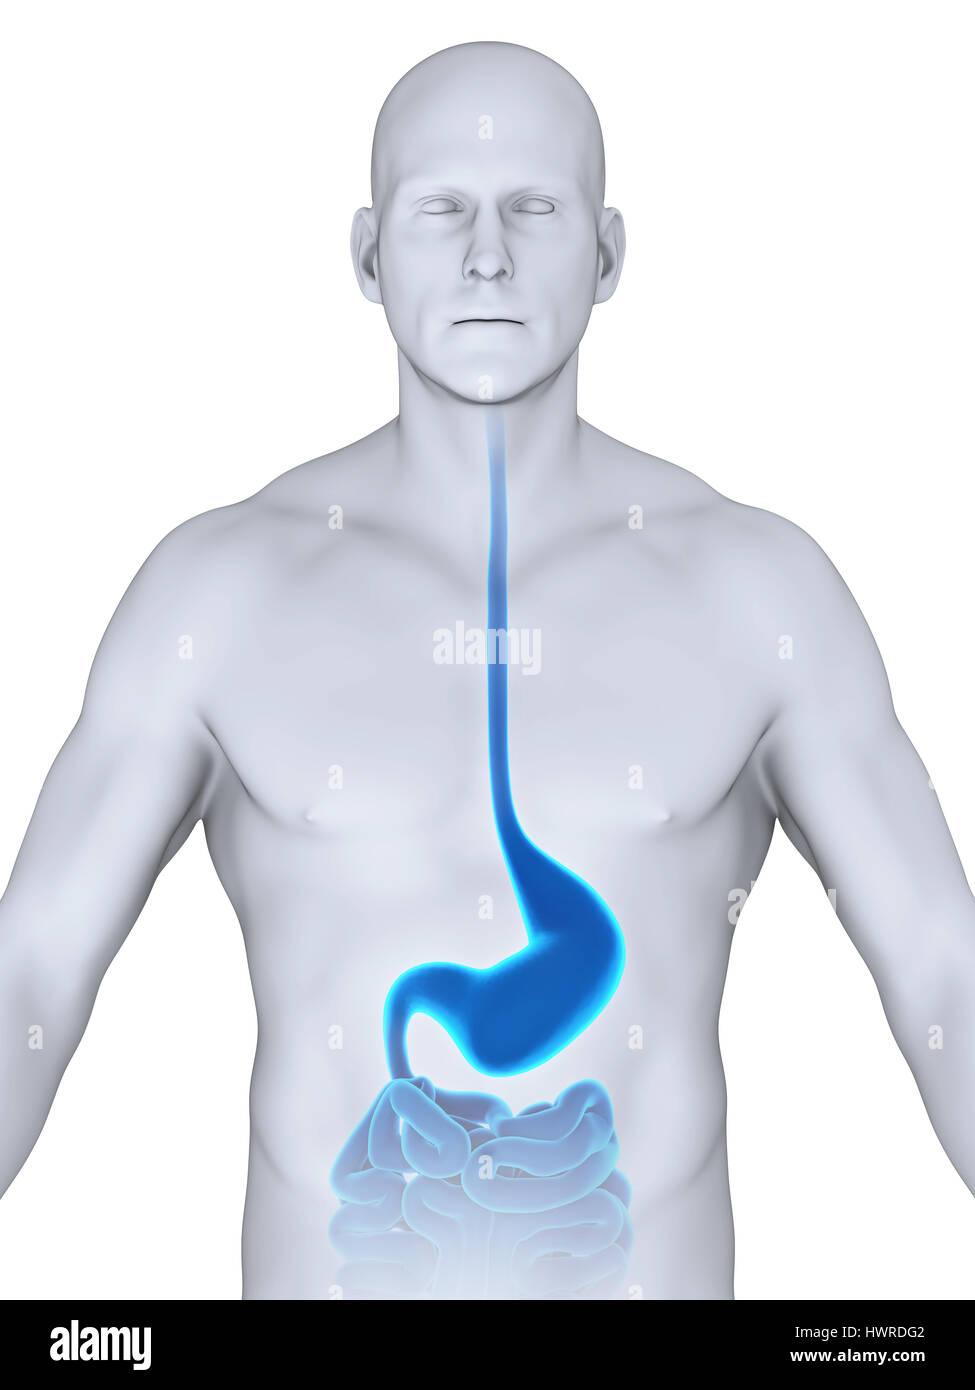 Anatomie der menschlichen Magen Stockfoto, Bild: 136354514 - Alamy